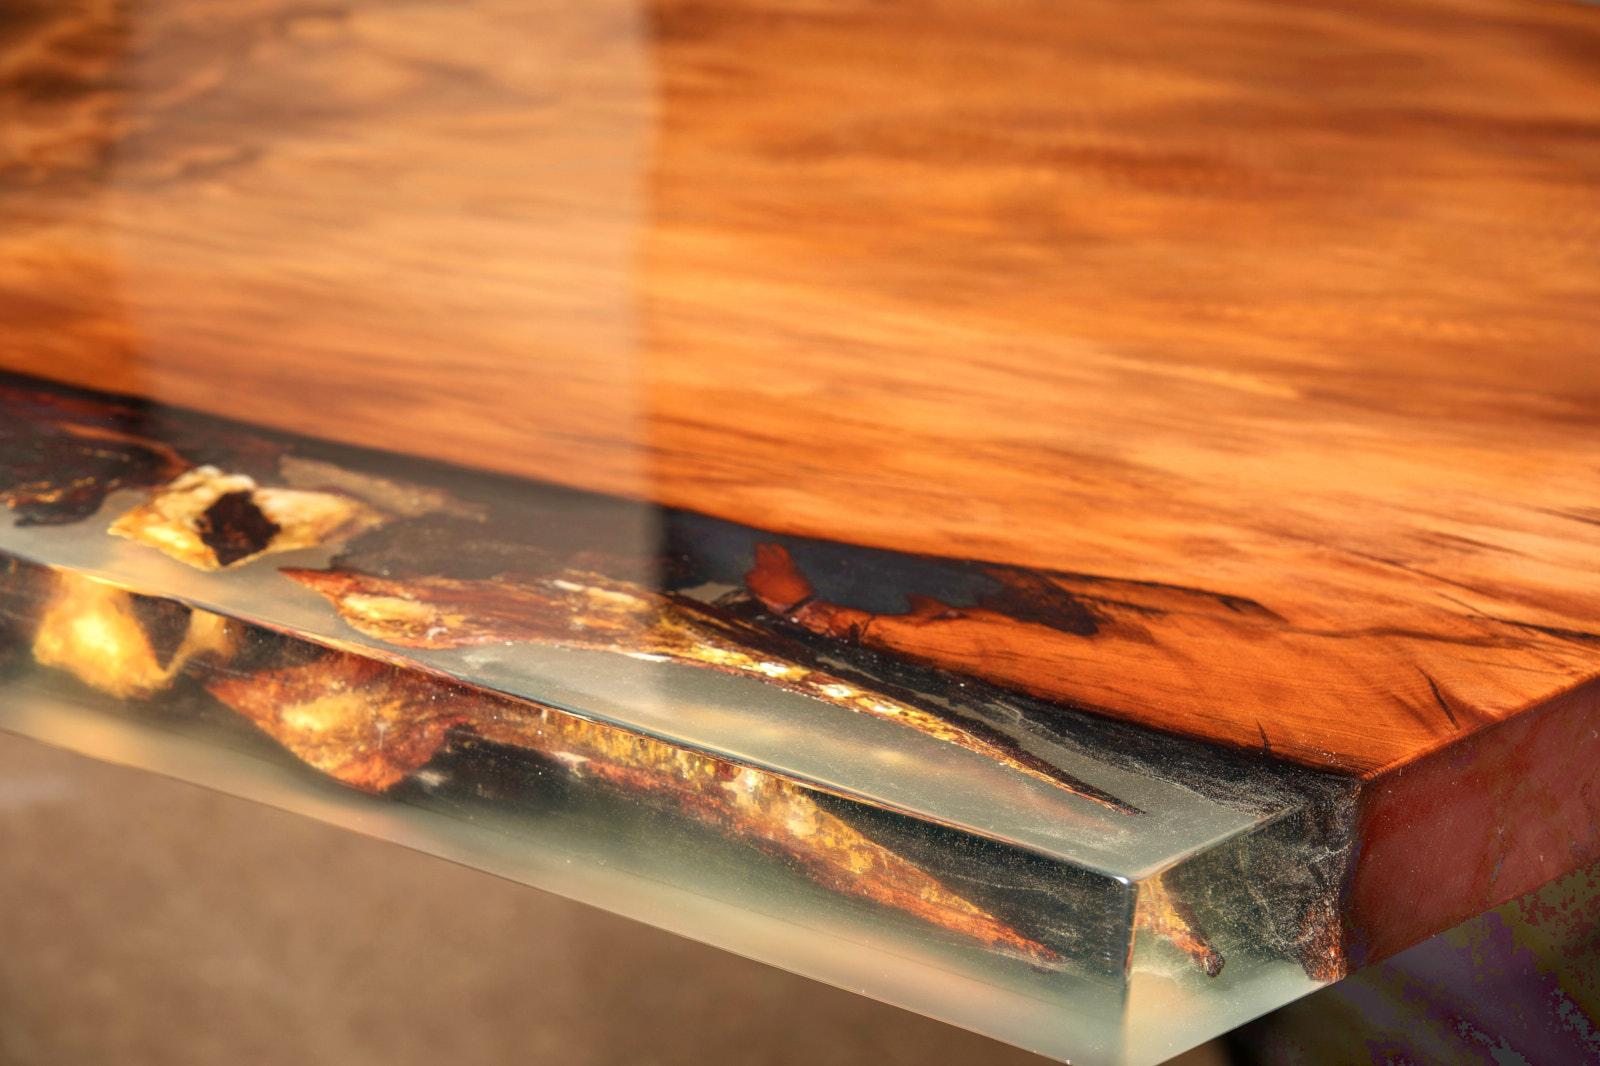 Exklusiver Designer Esstisch und Luxustisch mit goldfarbener Maserung und echtem Bernstein im Harz aus Kauri Wurzelholz, besonderer Holztisch mit Hauch Luxus und ein echtes Unikat Kunstwerk